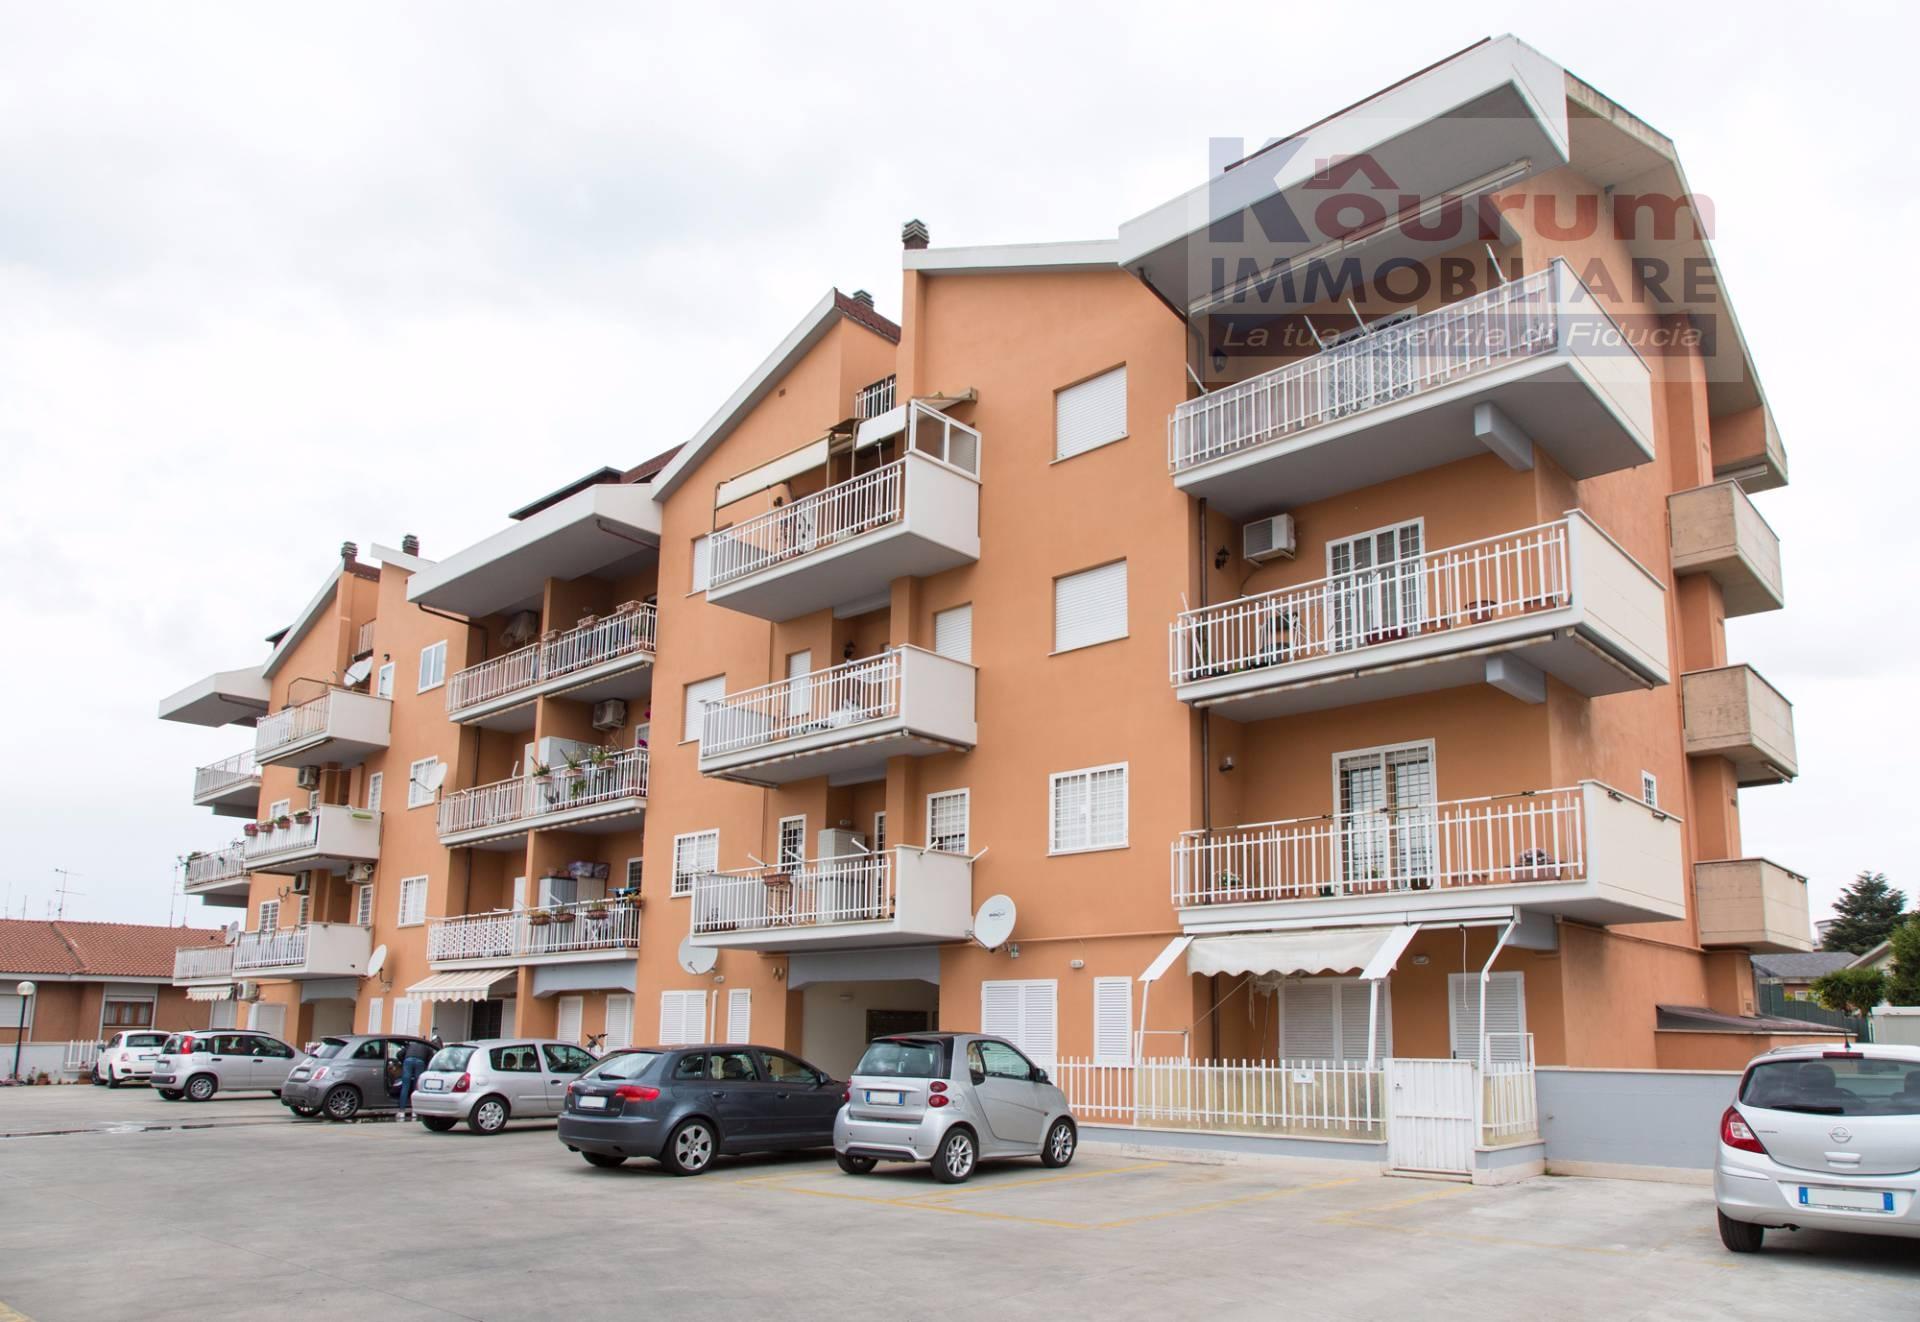 Appartamento in vendita a Ciampino, 3 locali, zona Località: ViadeiLaghi, prezzo € 189.000 | CambioCasa.it